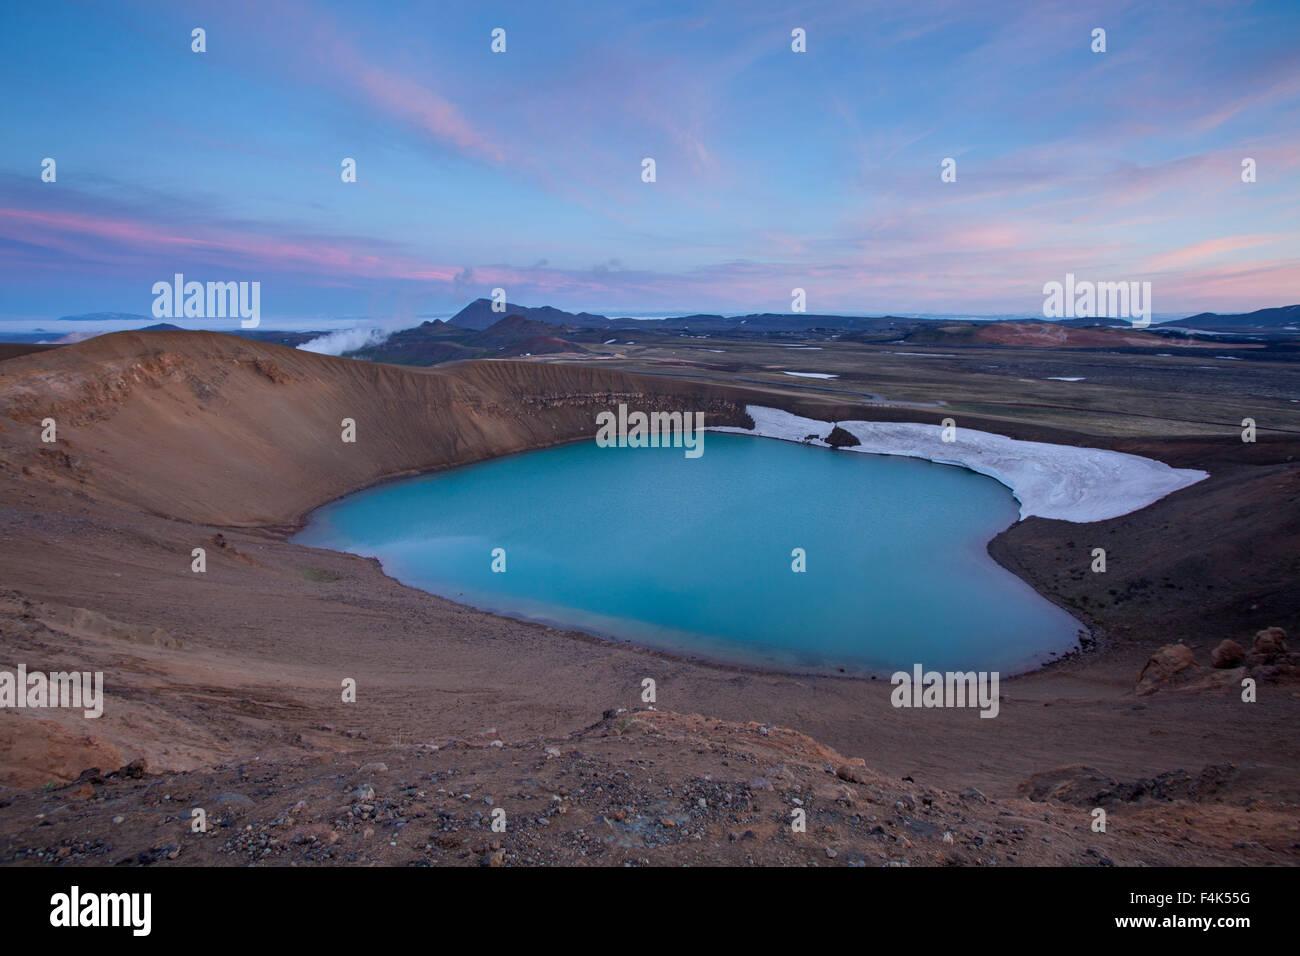 Viti crater at dusk, Krafla volcanic area, Myvatn, Nordhurland Eystra, Iceland. - Stock Image